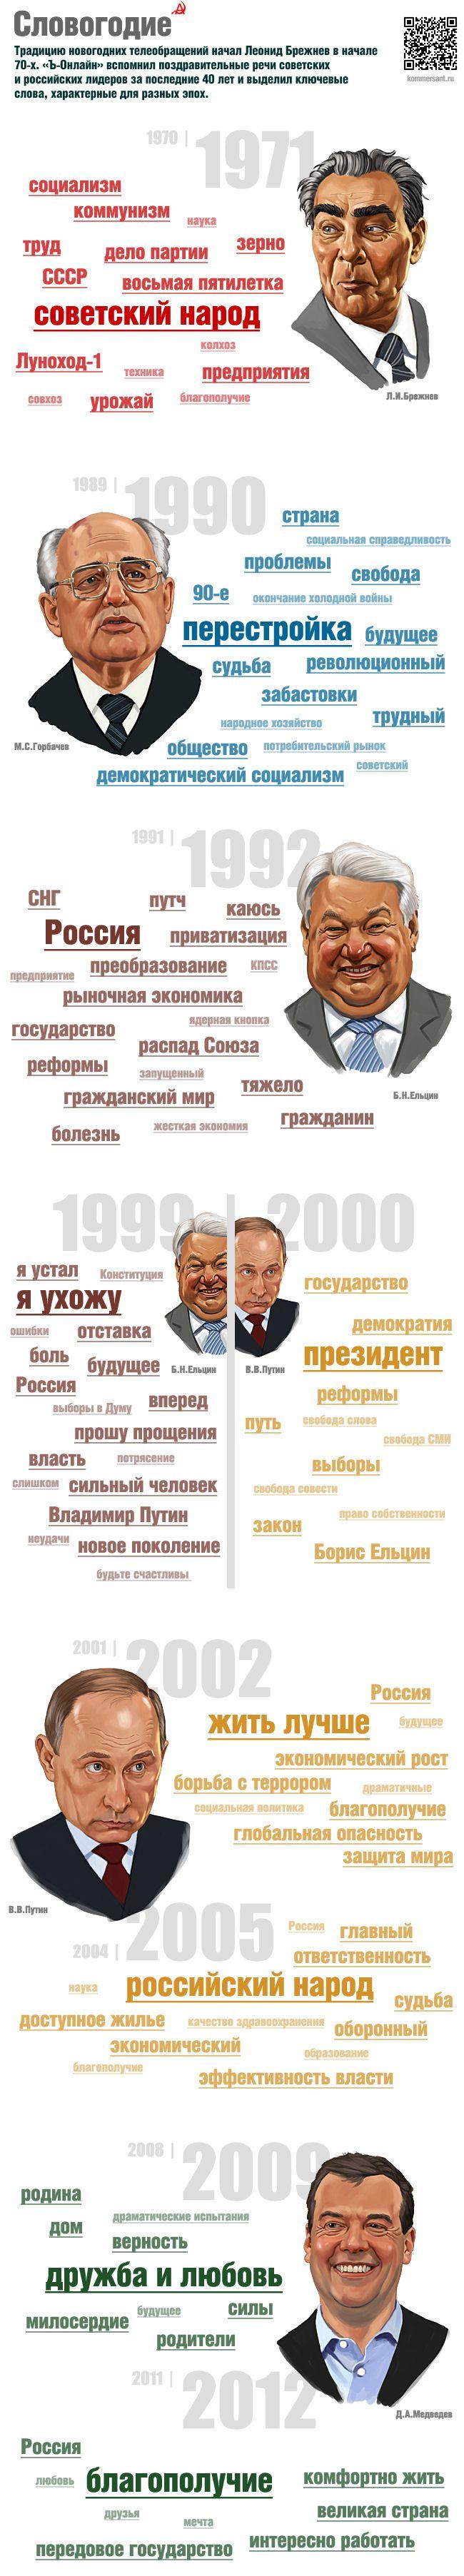 Инфографика: Словогодие